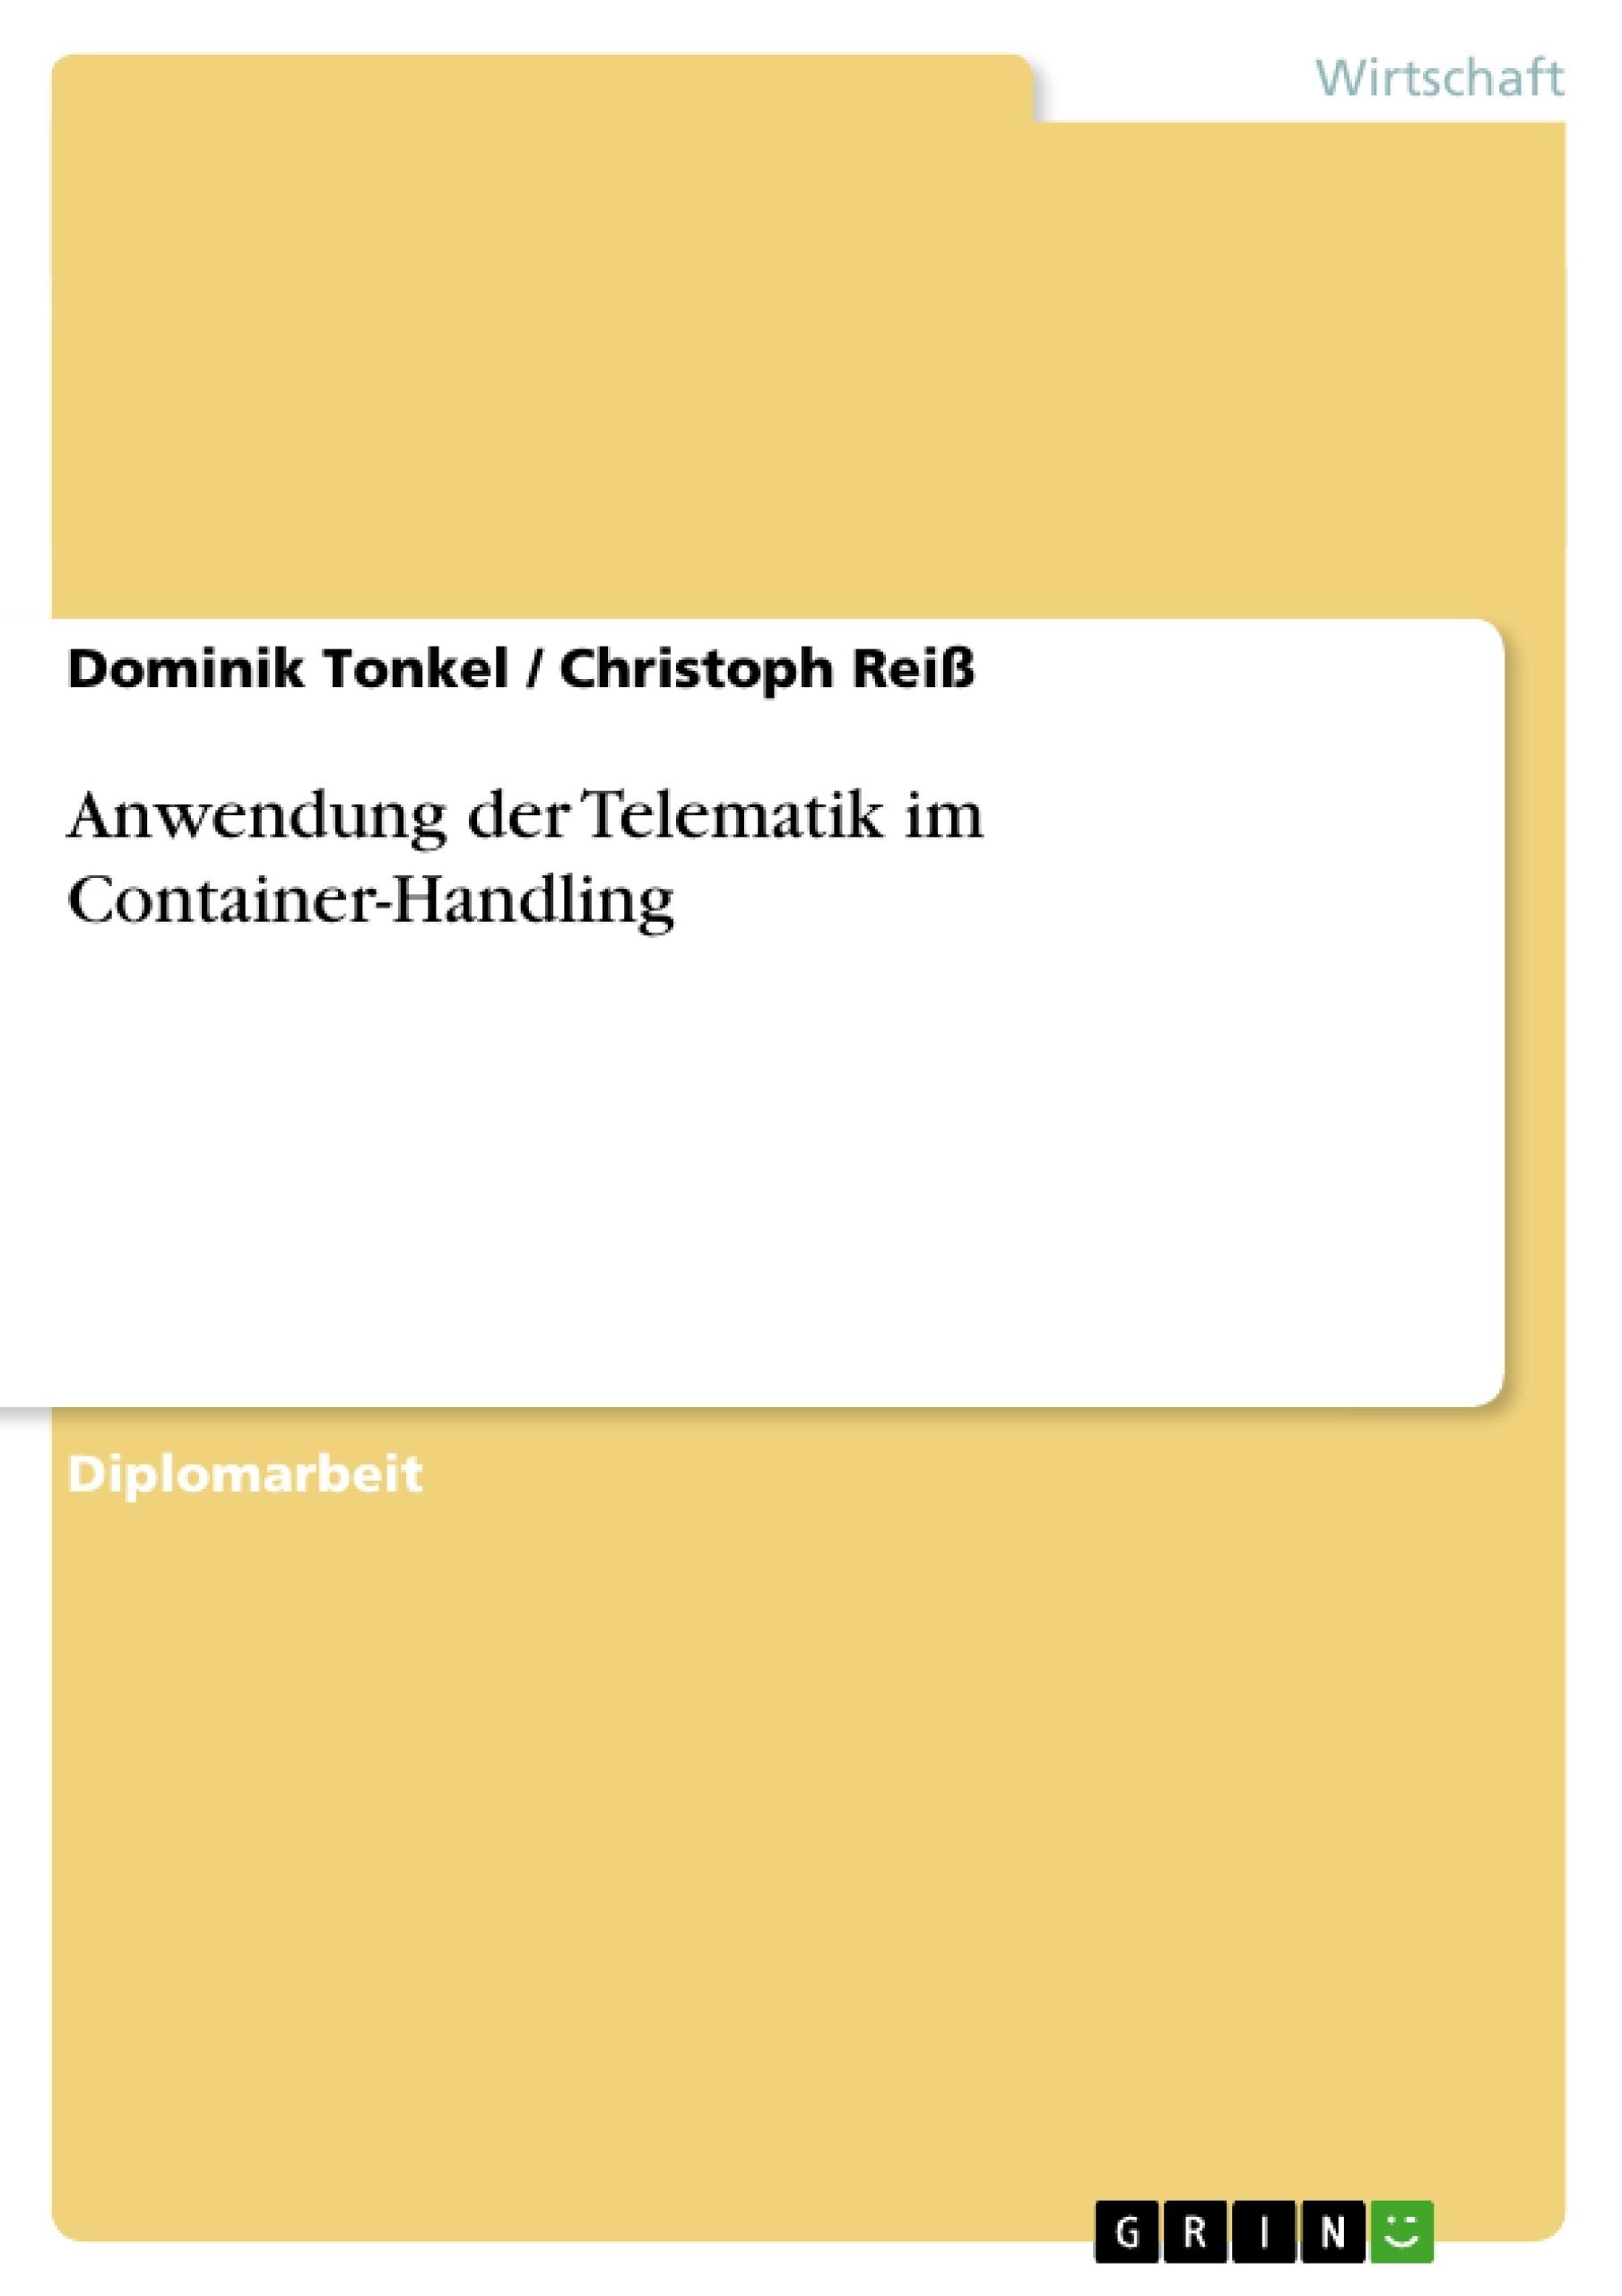 Titel: Anwendung der Telematik im Container-Handling